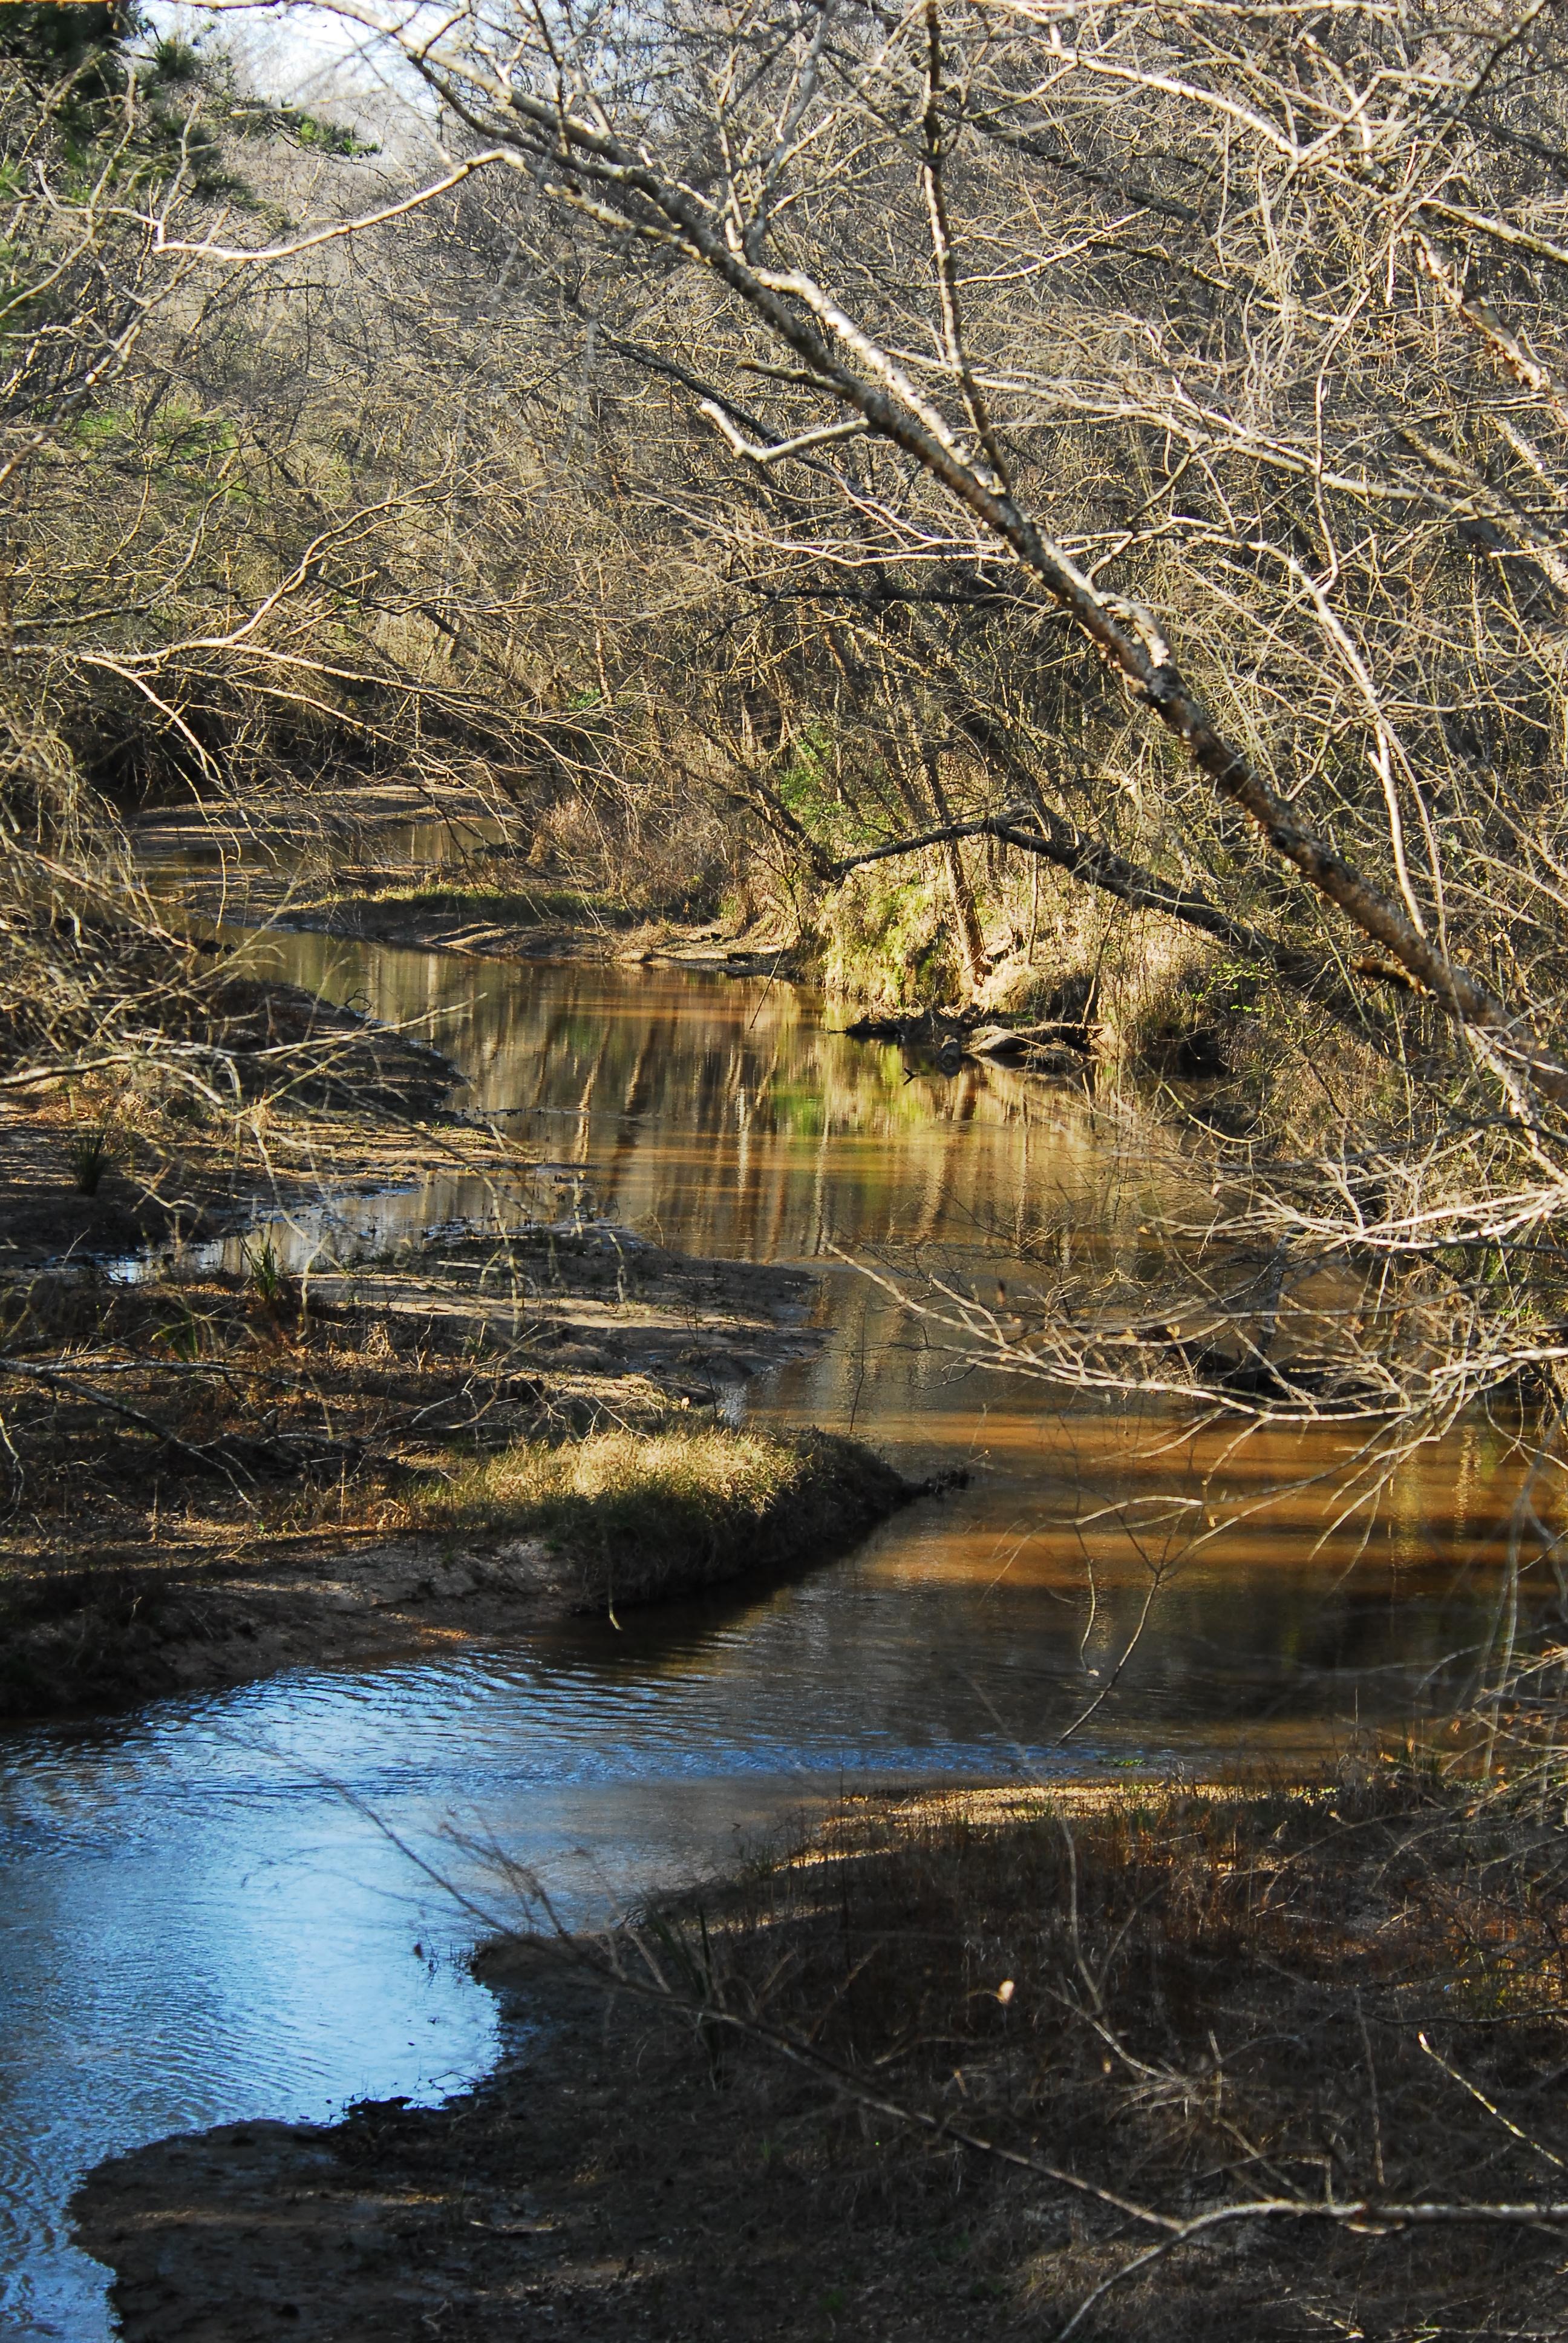 A view along Peach Creek